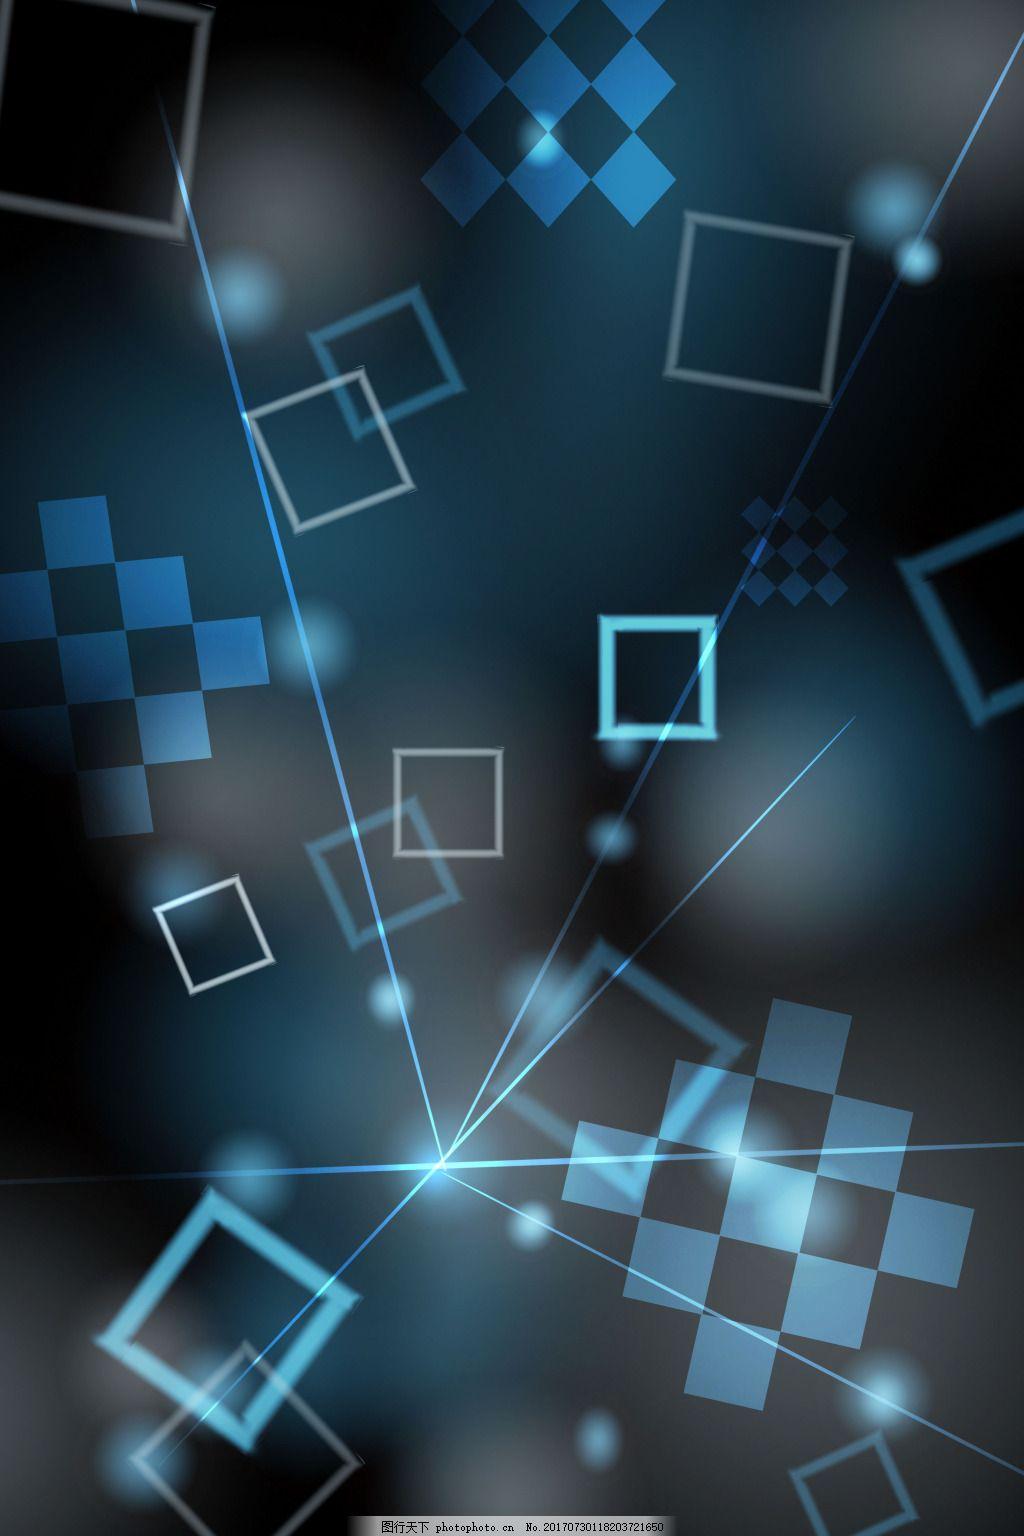 炫彩几何光圈蓝色背景 炫彩效果 蓝色光 炫光 商务蓝色 科技 酷炫